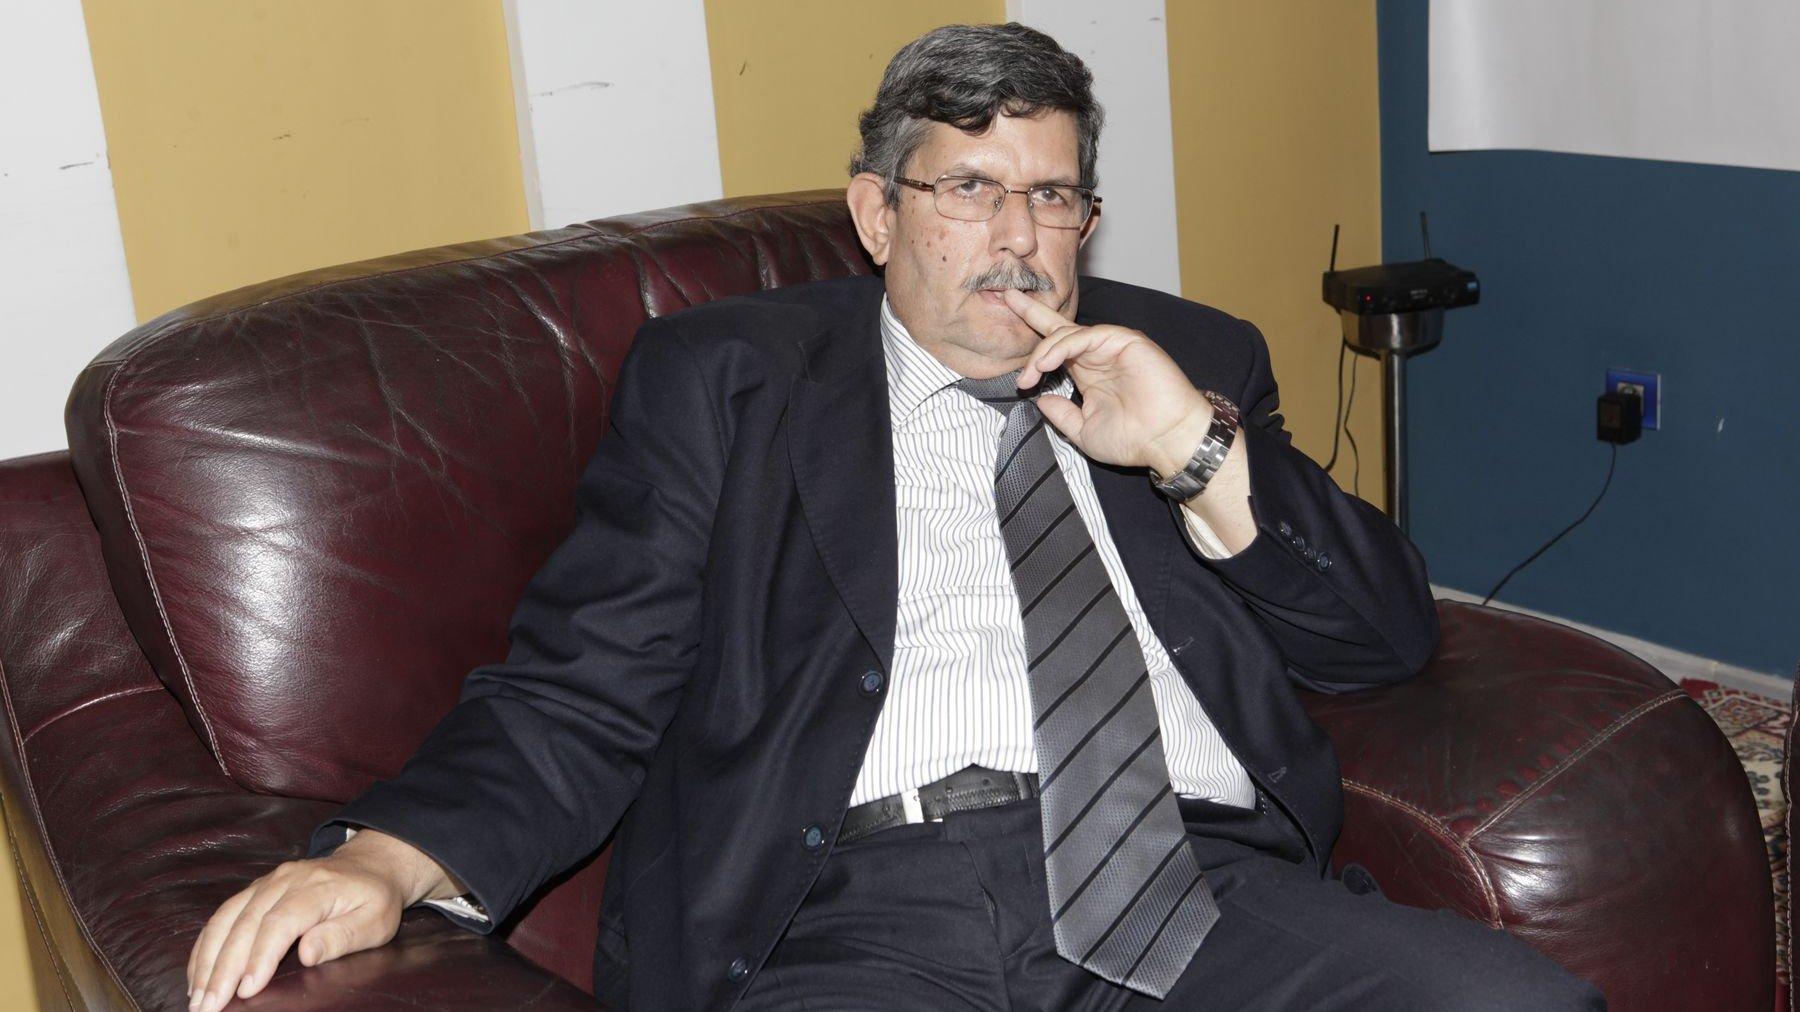 الفاسي: انتخاب بركة سيعيد الاستقرار لحزب الاستقلال وشباط عبثي